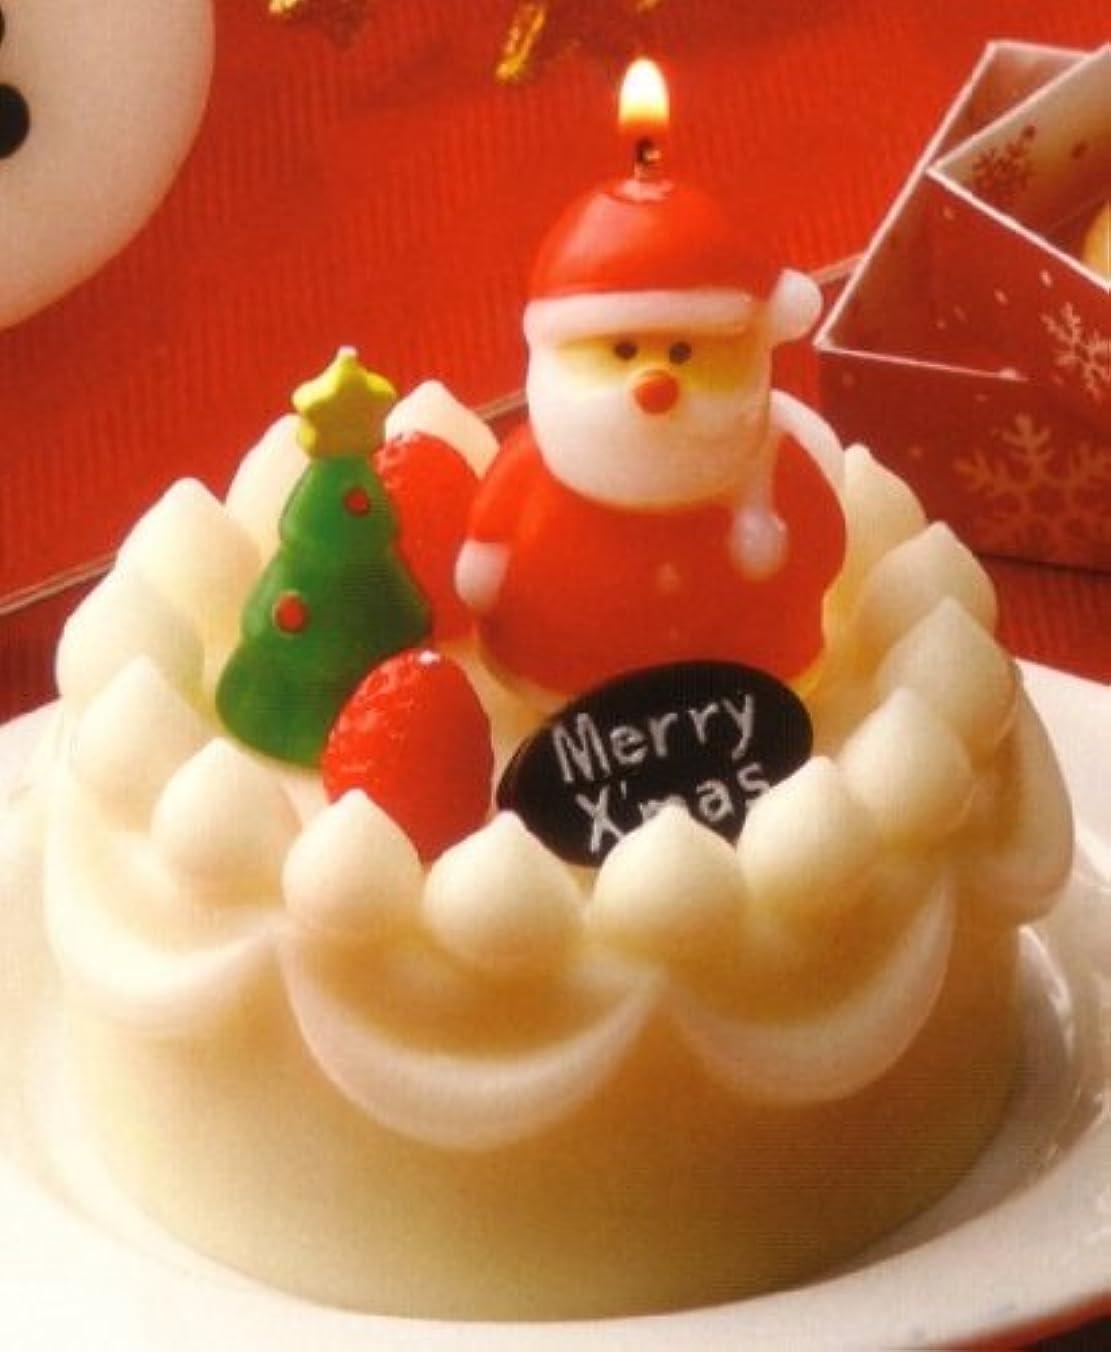 信条衣装言い換えるとクリスマスデコケーキキャンドル サンタ